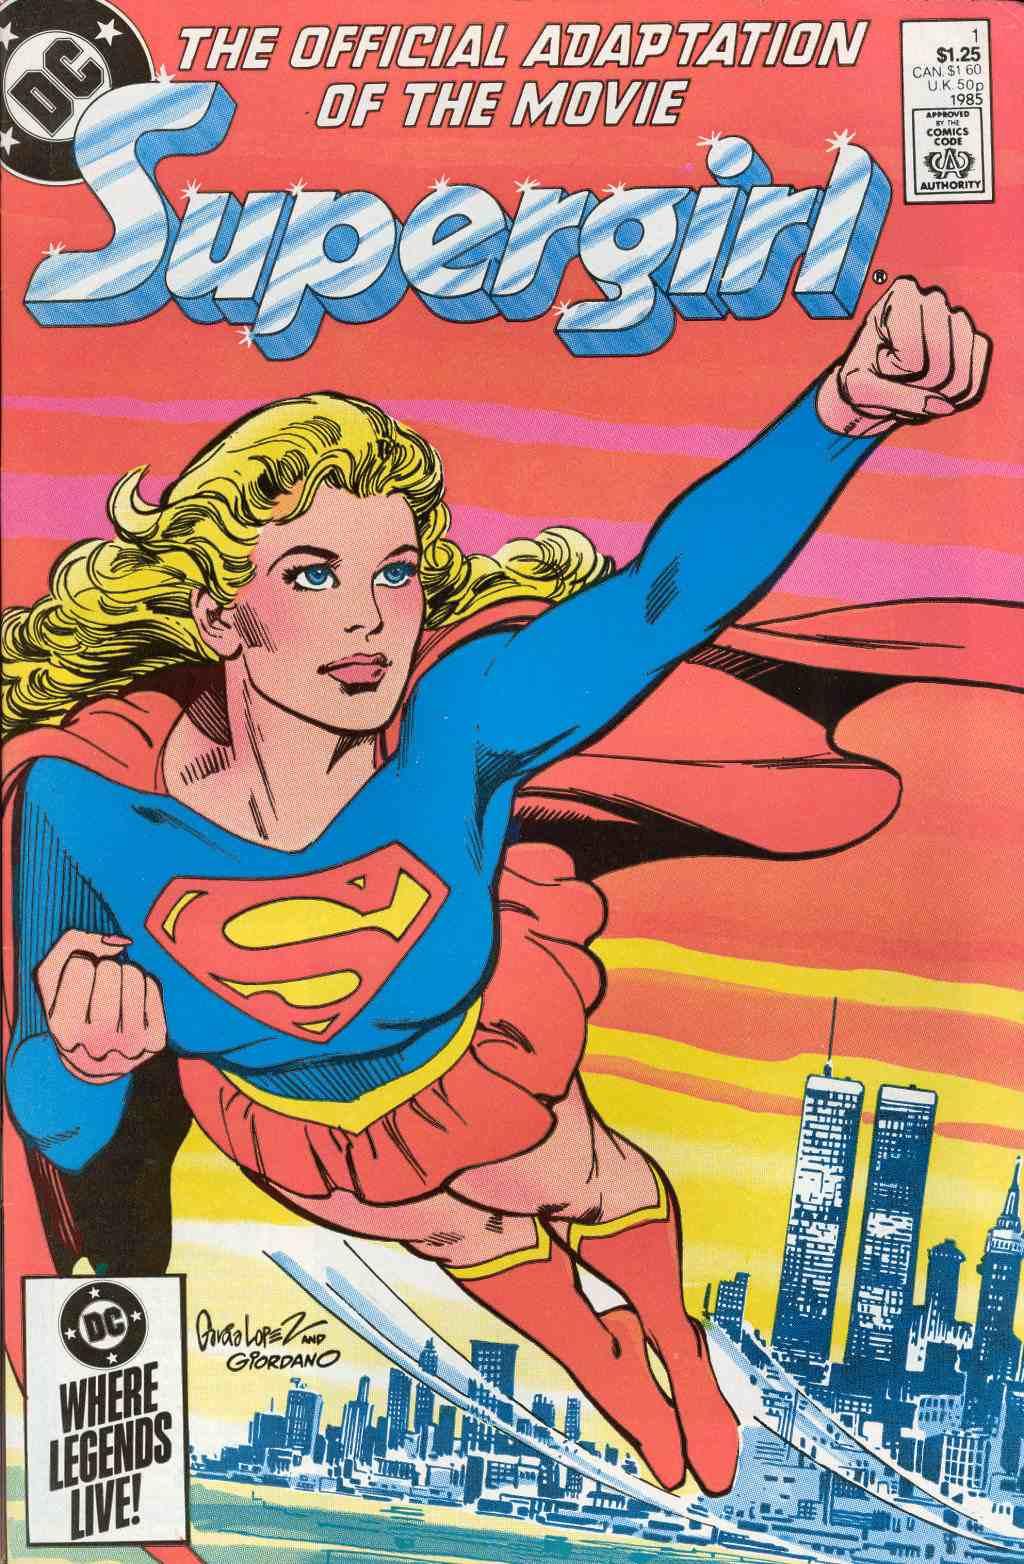 http://3.bp.blogspot.com/_V7b-lFpP1bc/TKQmCfDHC3I/AAAAAAAABpI/hNWt9mN5oNk/s1600/SupergirlMovieSpecial-1984+-000.jpg